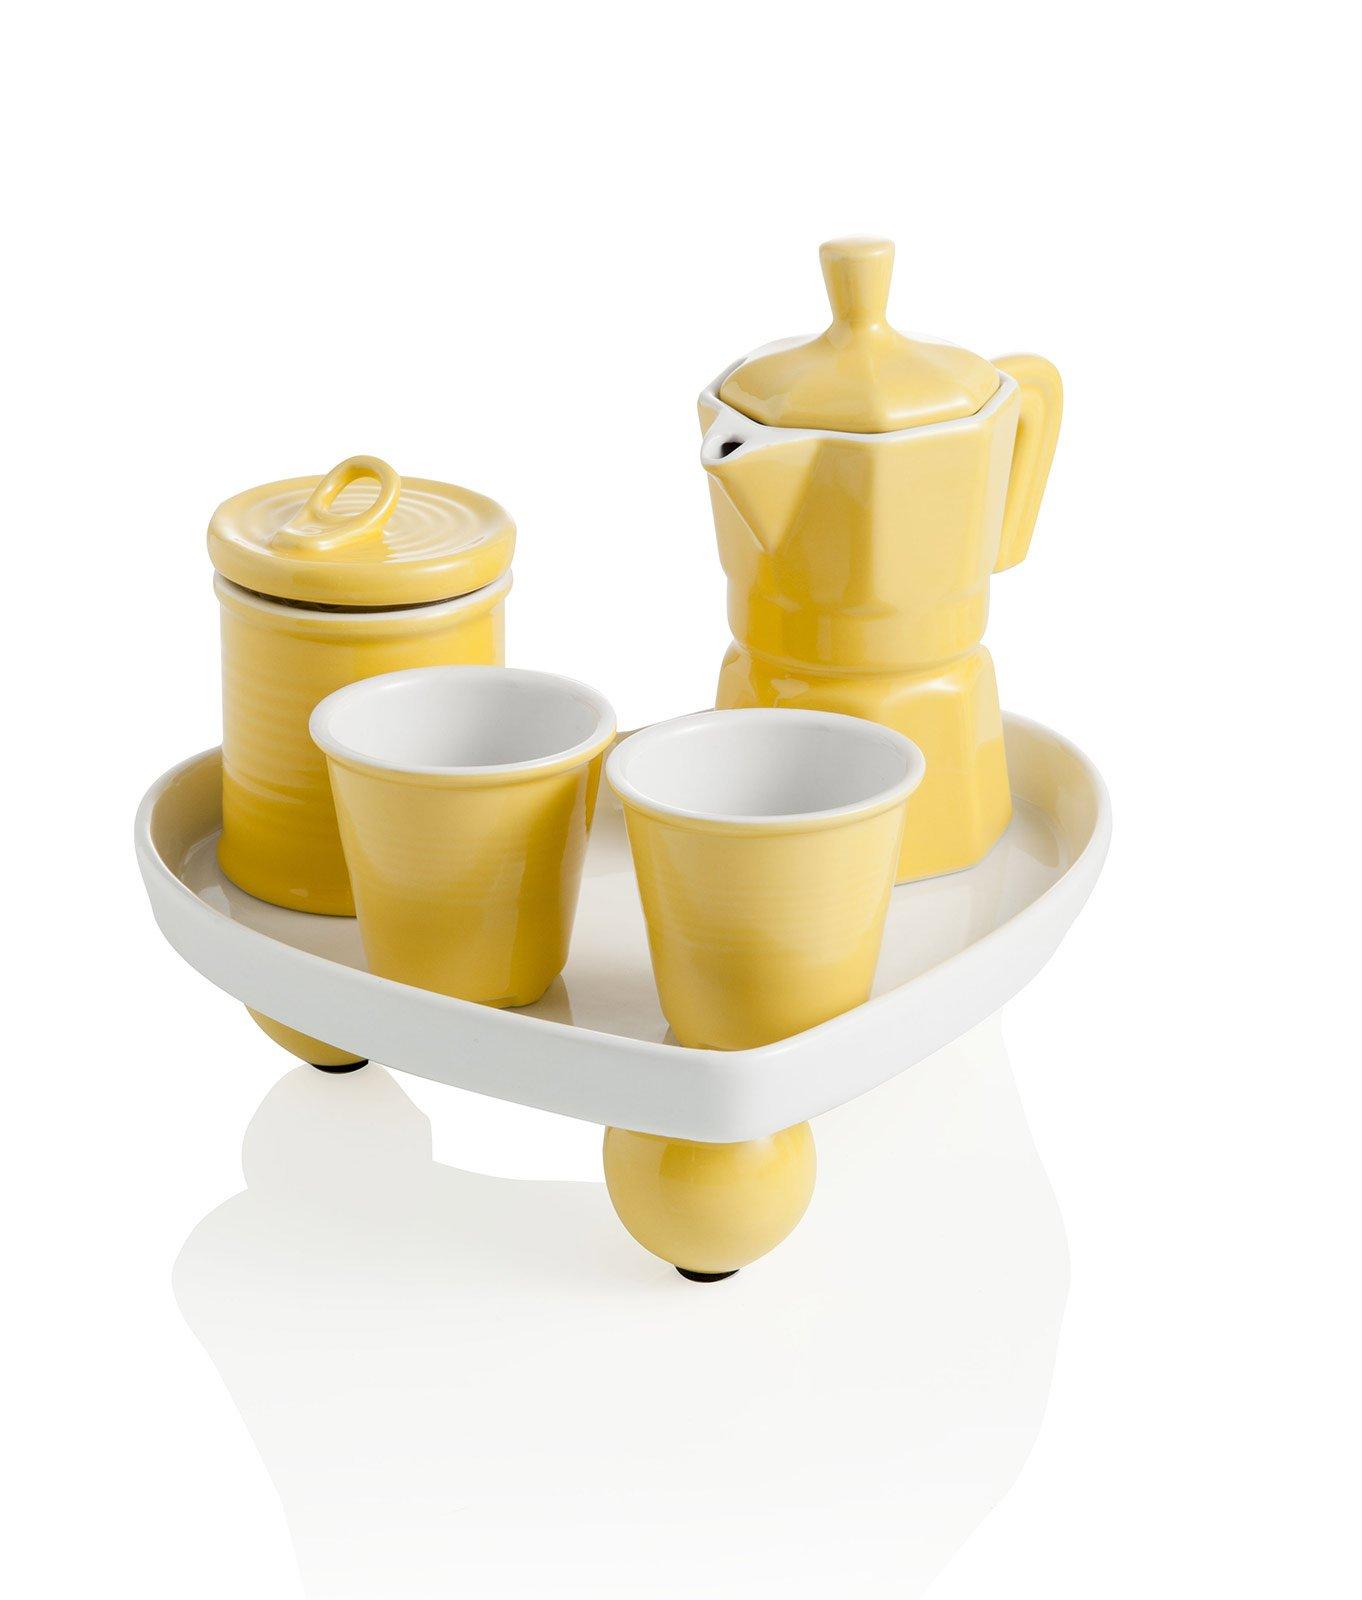 Caff o t i servizi per rinnovare un rito quotidiano for Zuccheriera ikea